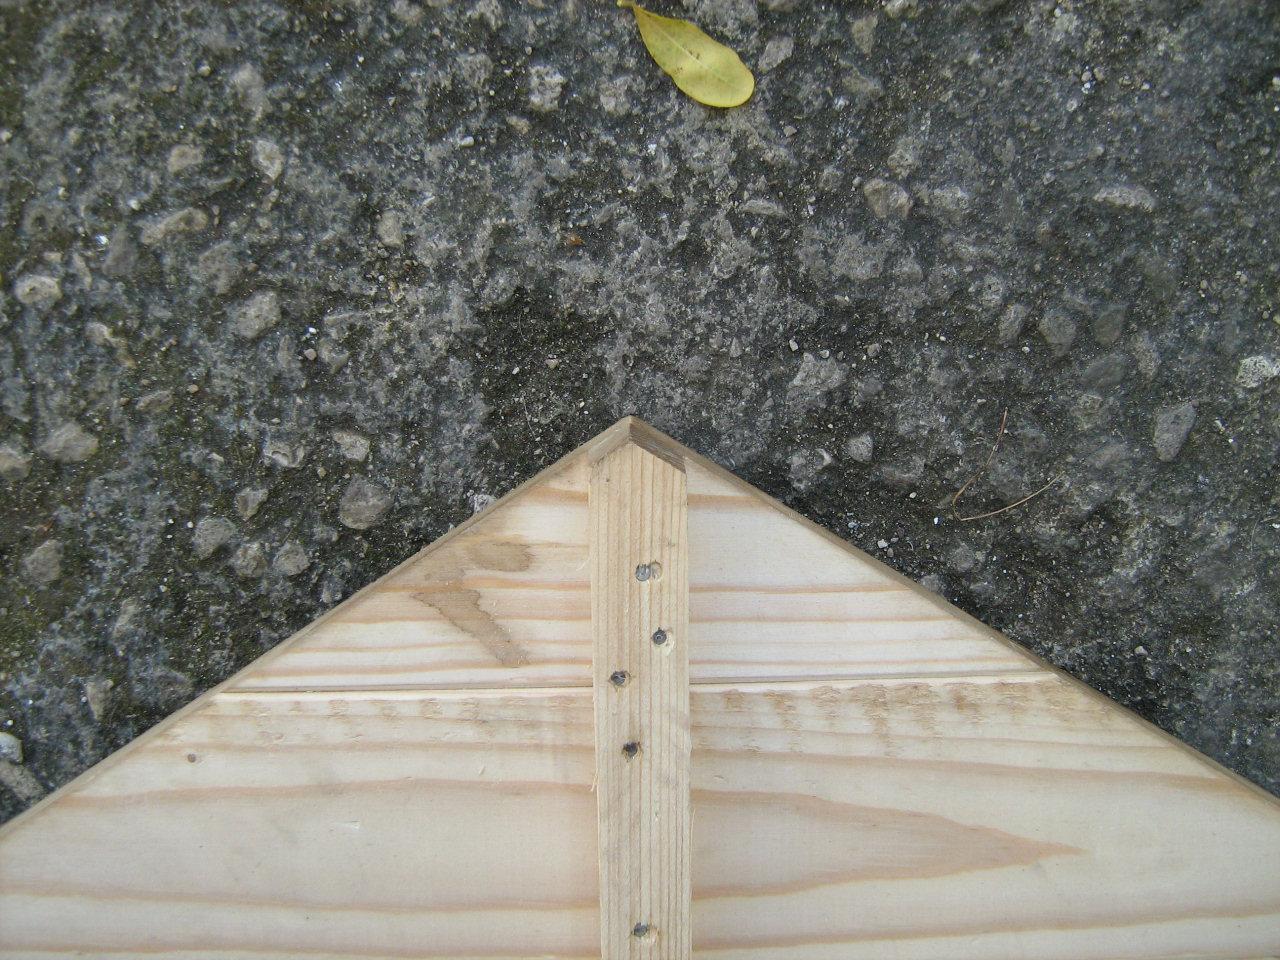 Pannello in legno per lettino cane idee di design per la for Cuccia cane ikea